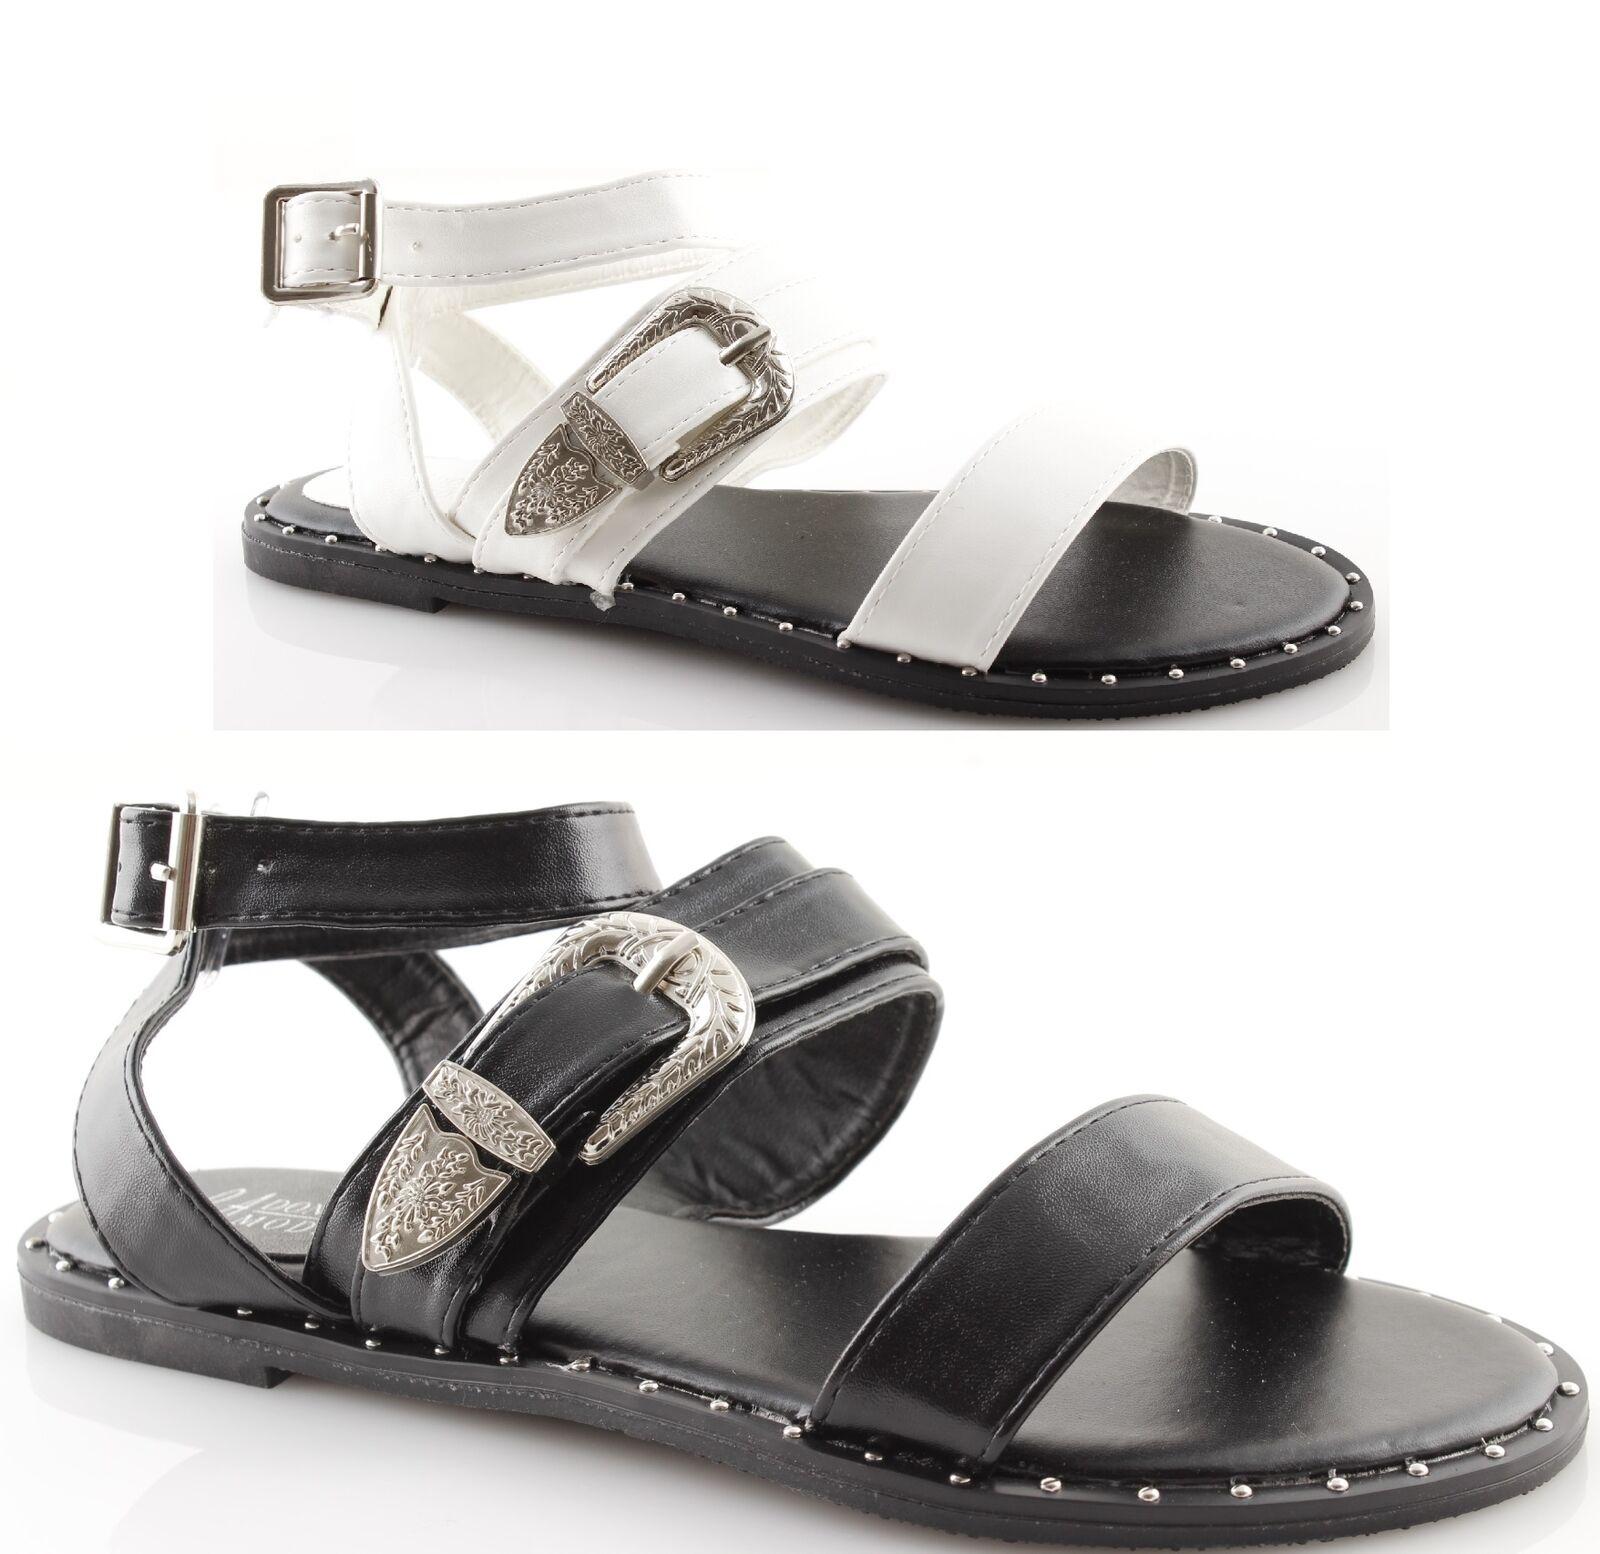 Zapatillas mujer con tachuelas hebilla cinturón en verano playa mar noche en cinturón negro 6aaf82